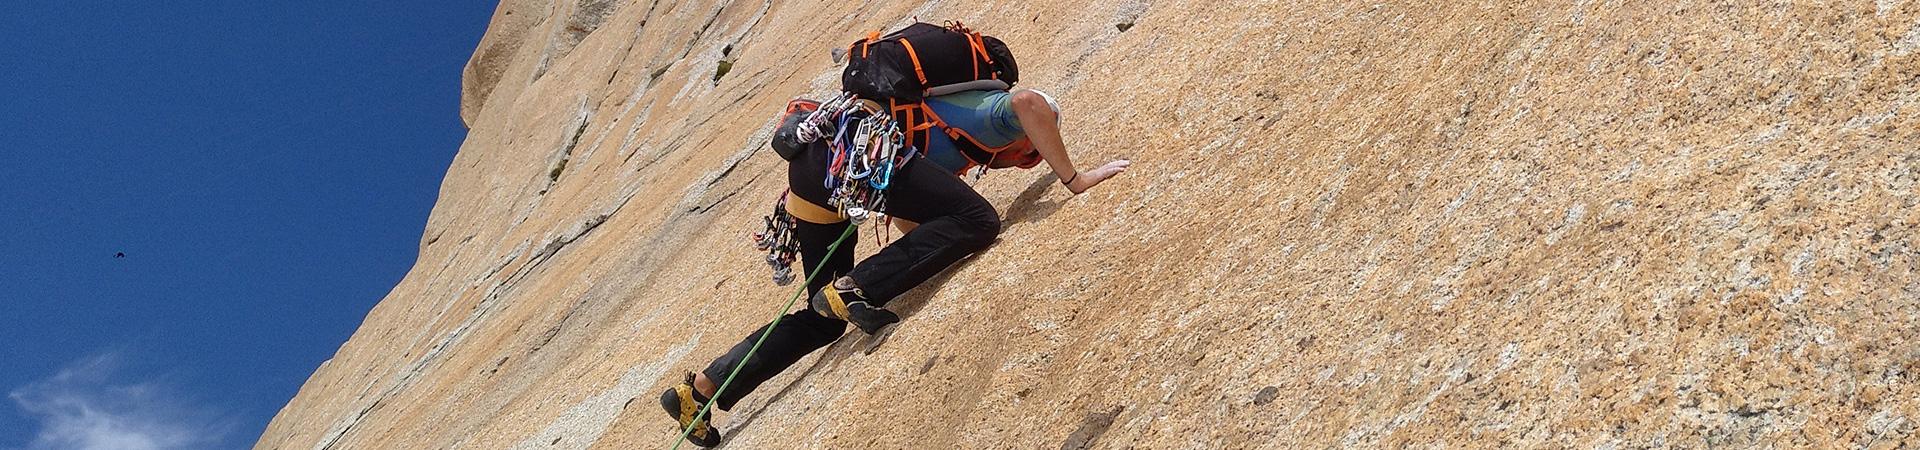 Via-llaraga-d'escalada-esportiva